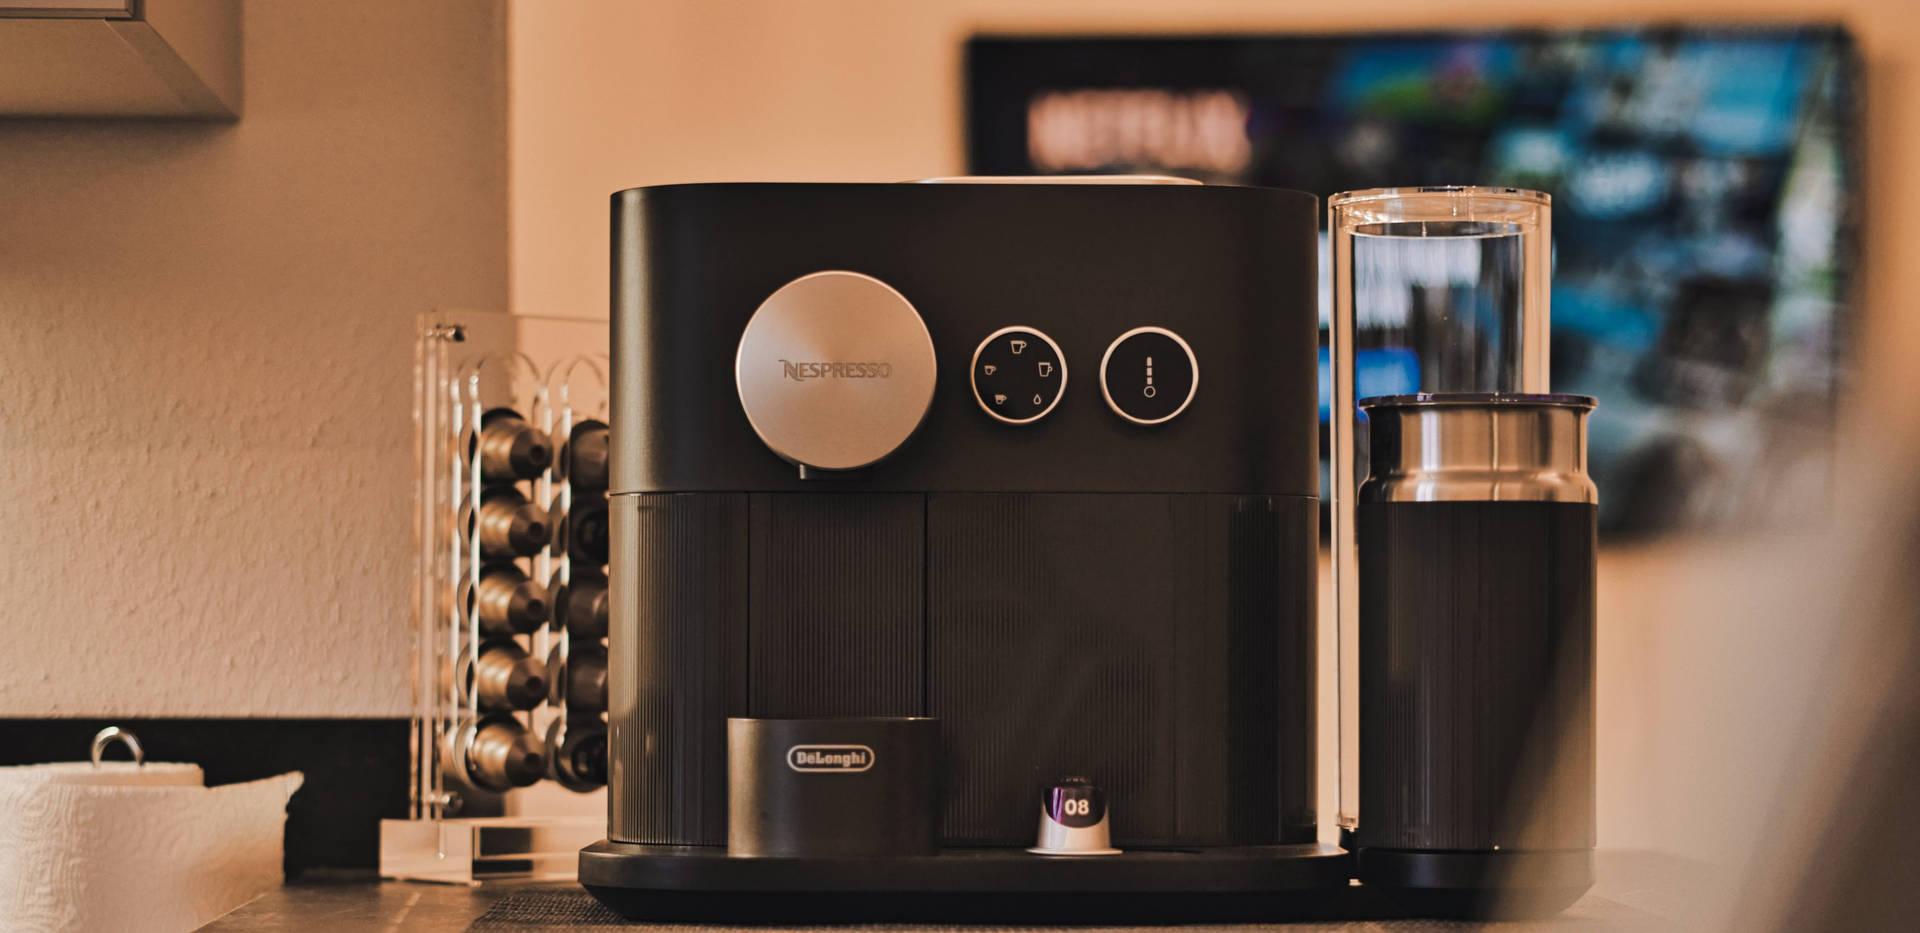 Einen Kaffee bitte!